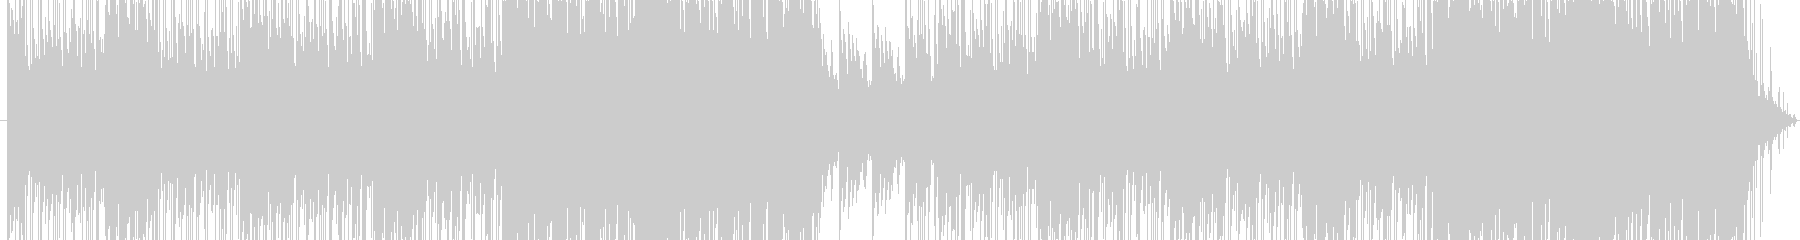 不気味でファンタジックなBGMの未再生の波形